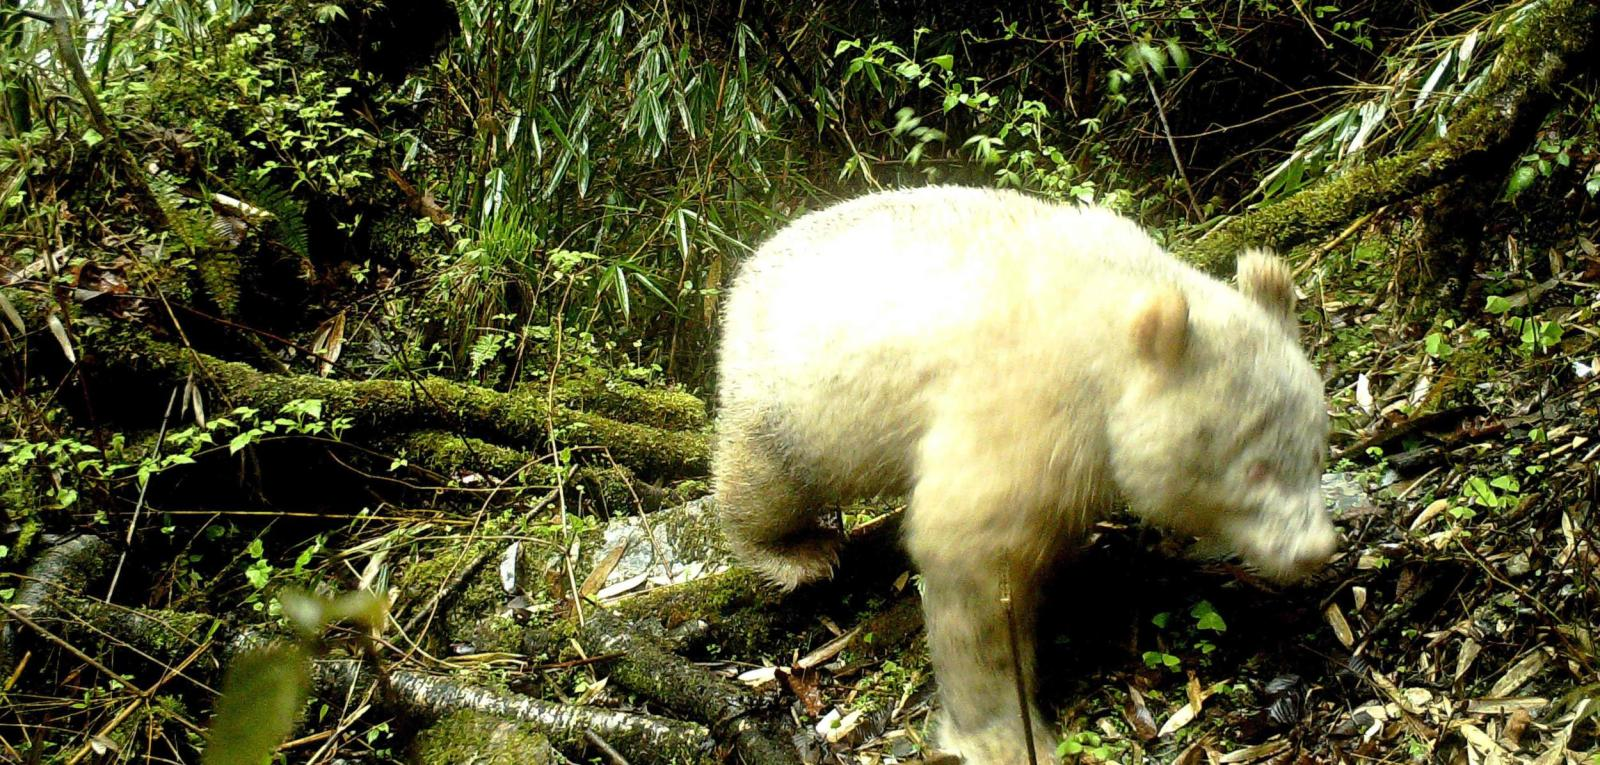 Weißer Bär im gemäßigten Urwald